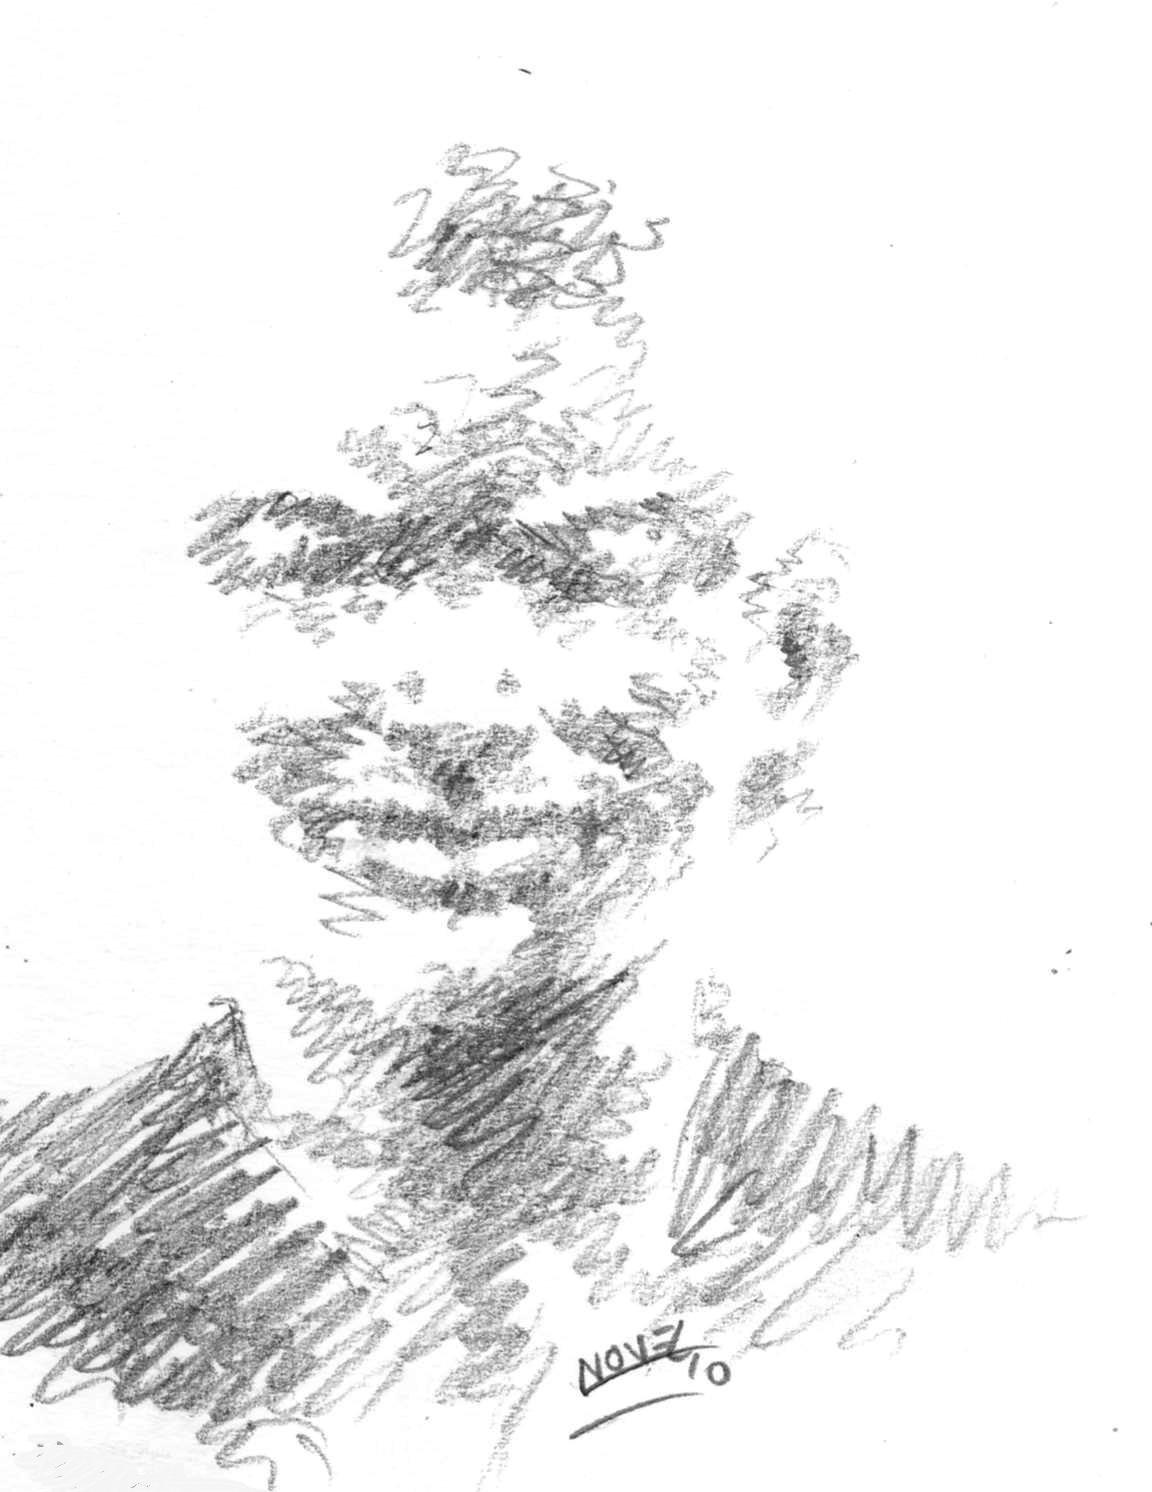 b166.jpg